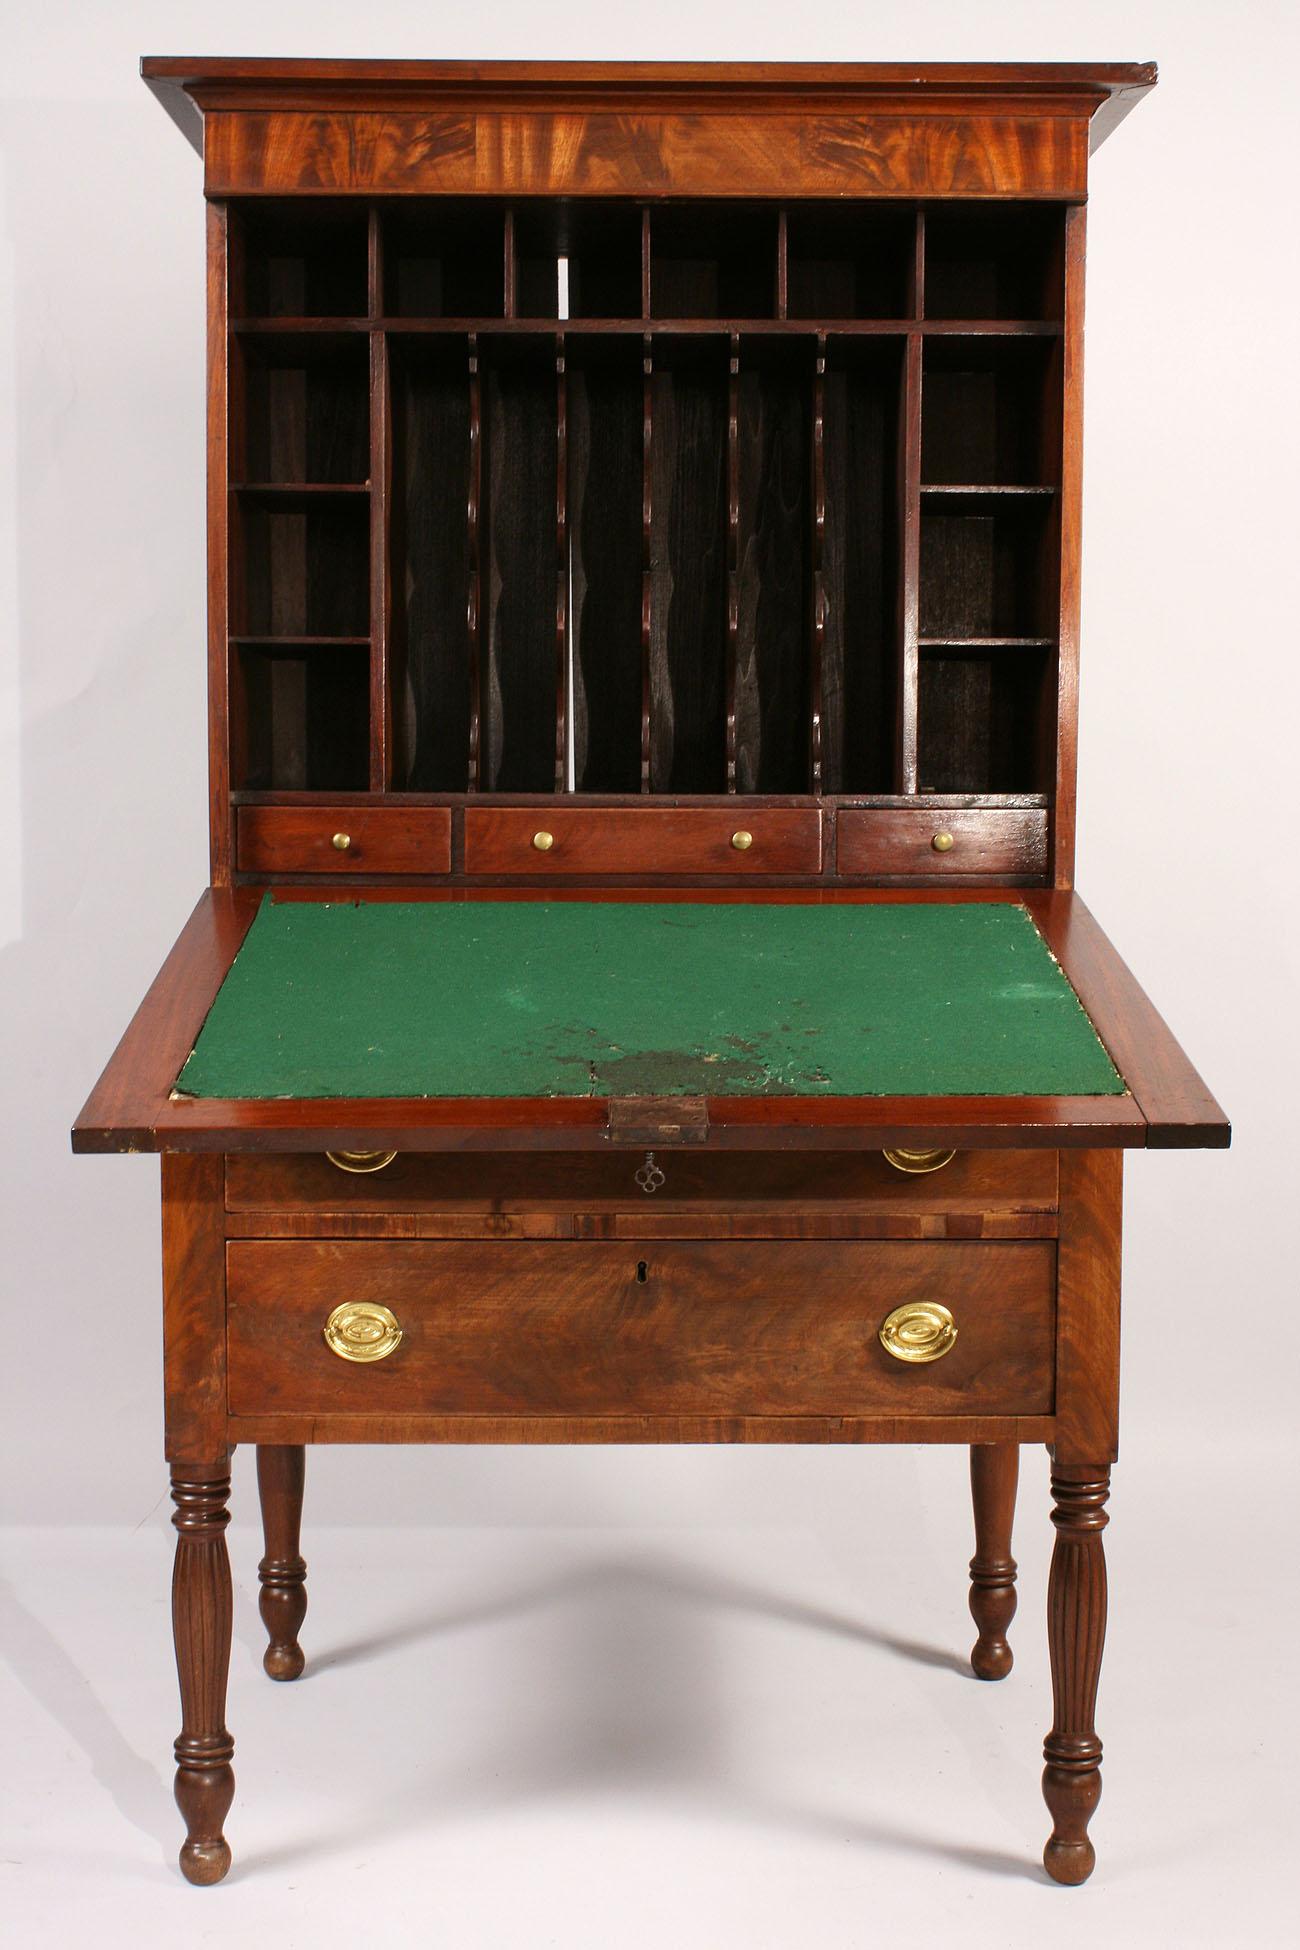 Lot 299 Sheraton Mahogany Plantation Desk